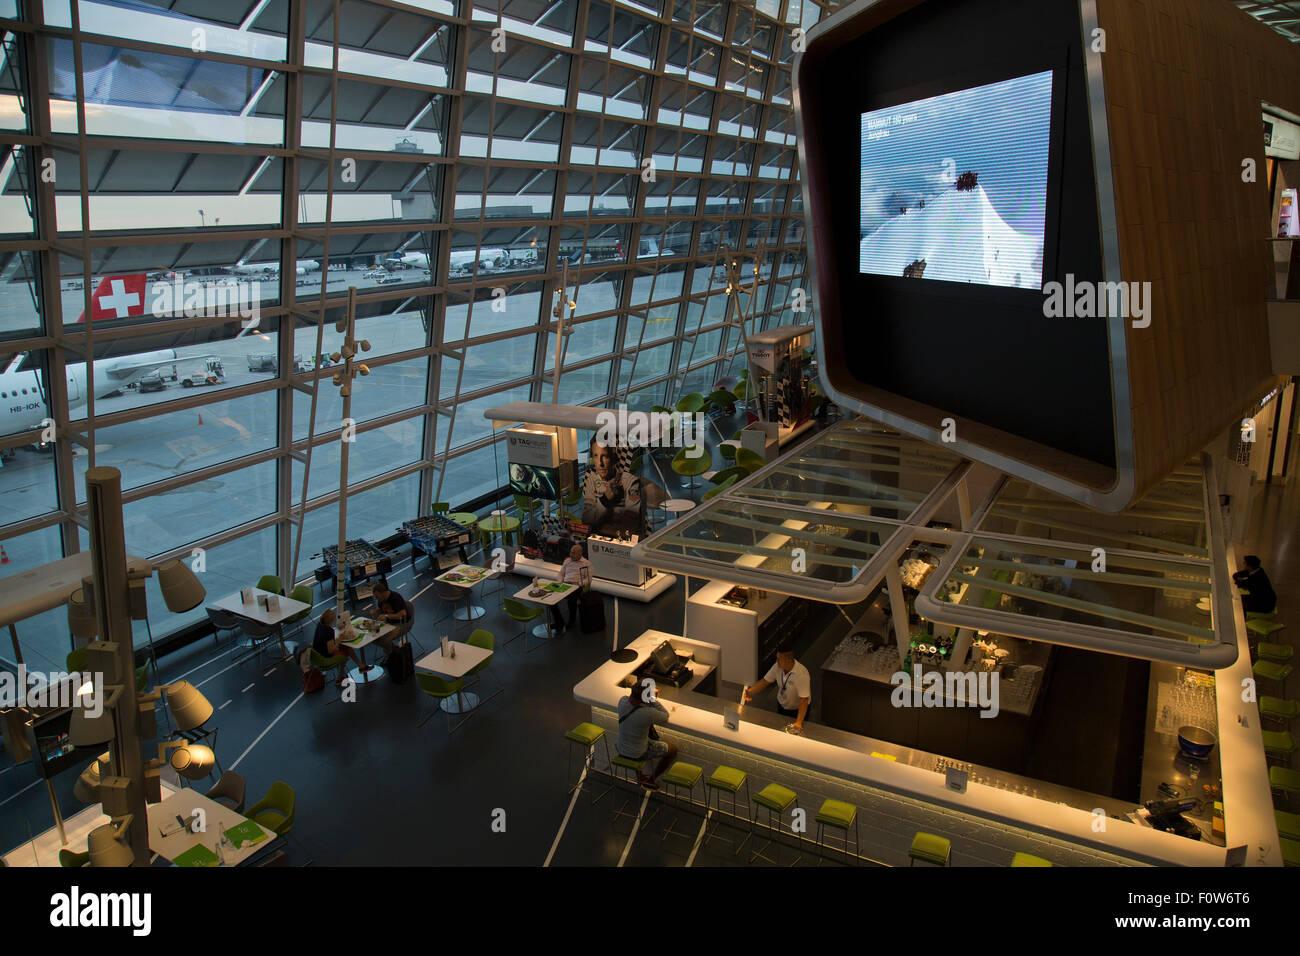 Aeroporto Zurigo Partenze : All interno della sala partenze dell aeroporto di zurigo foto